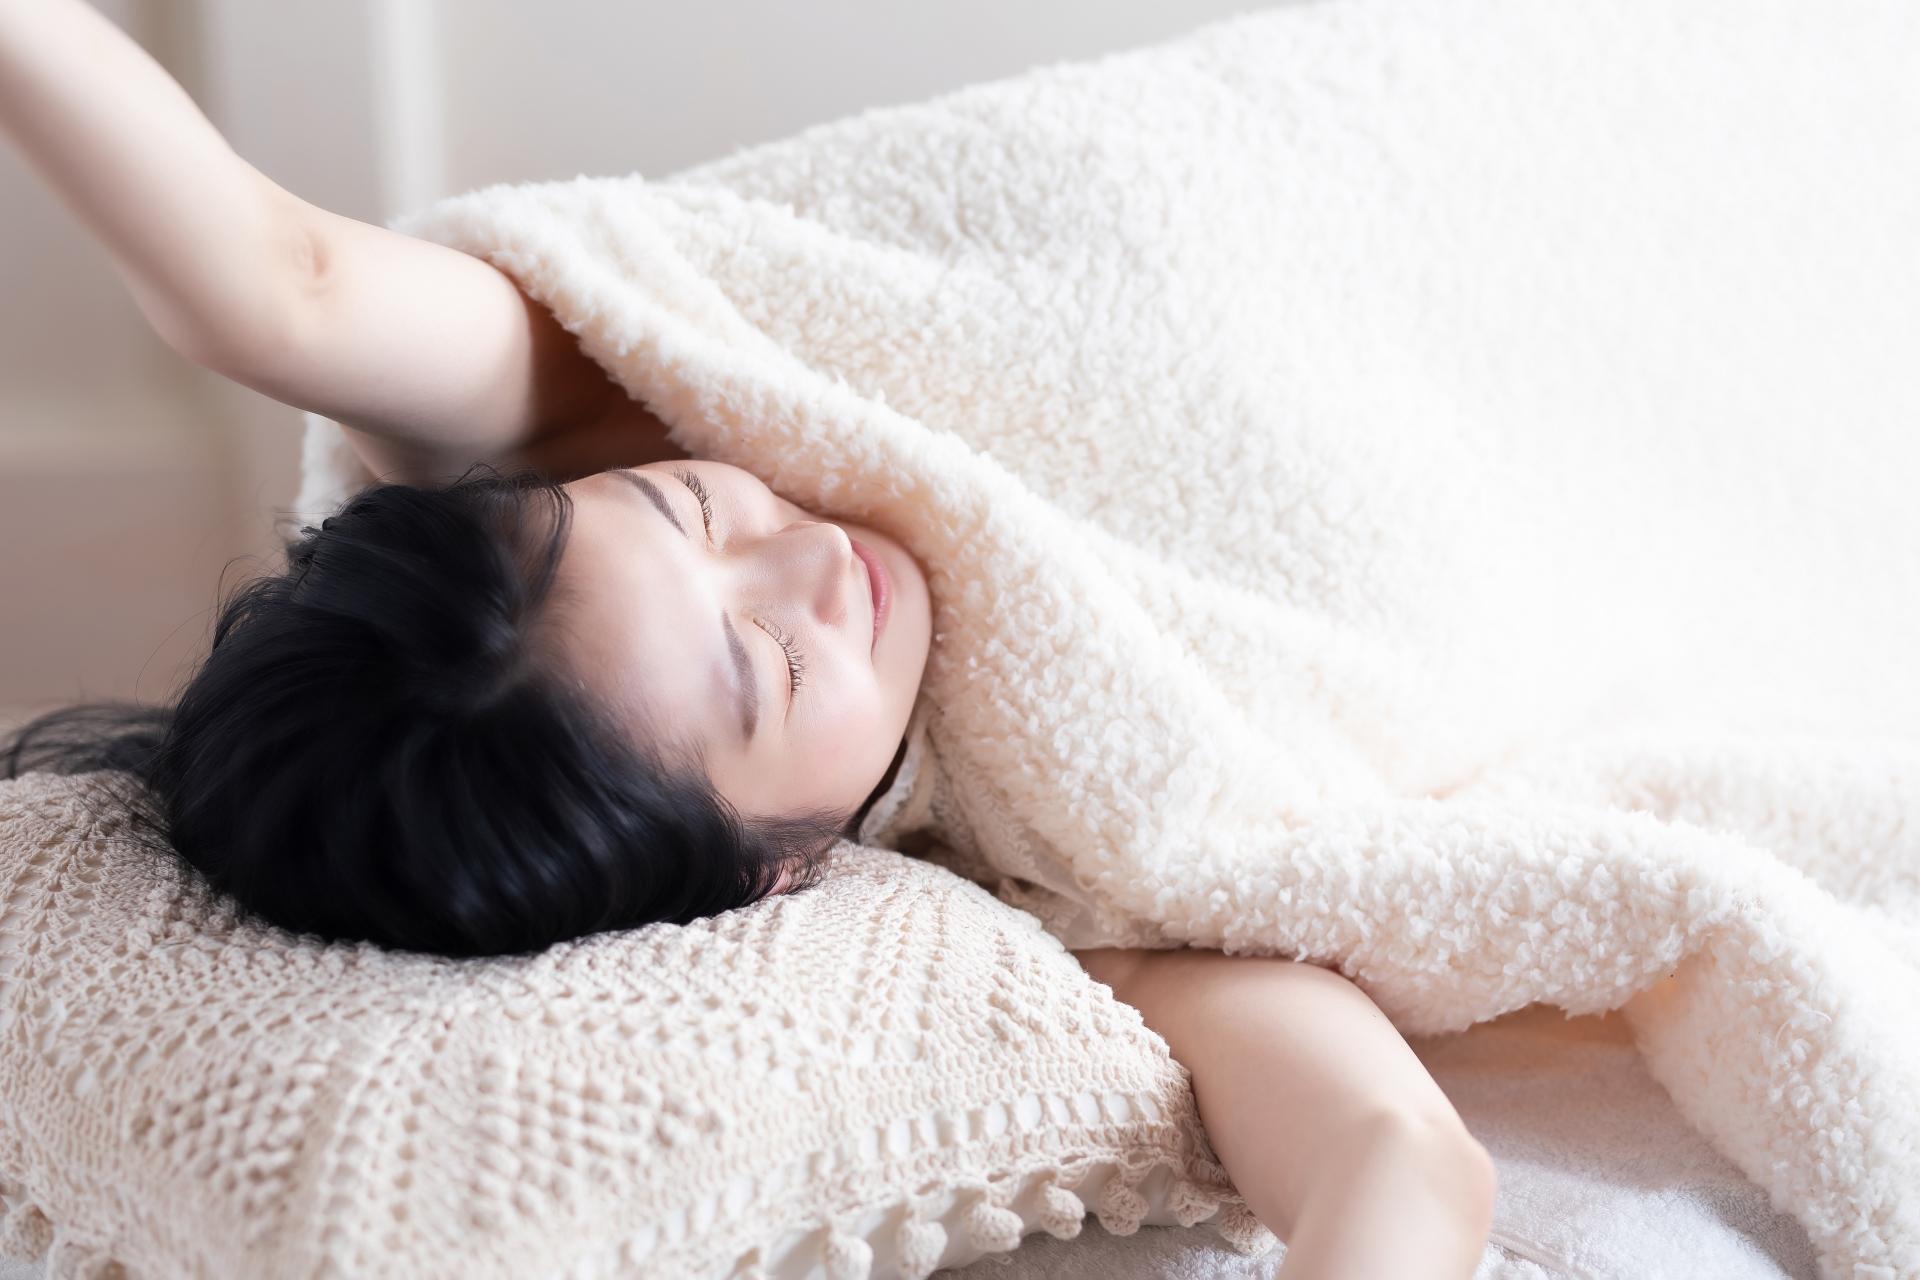 寝て背伸びをする女性の写真